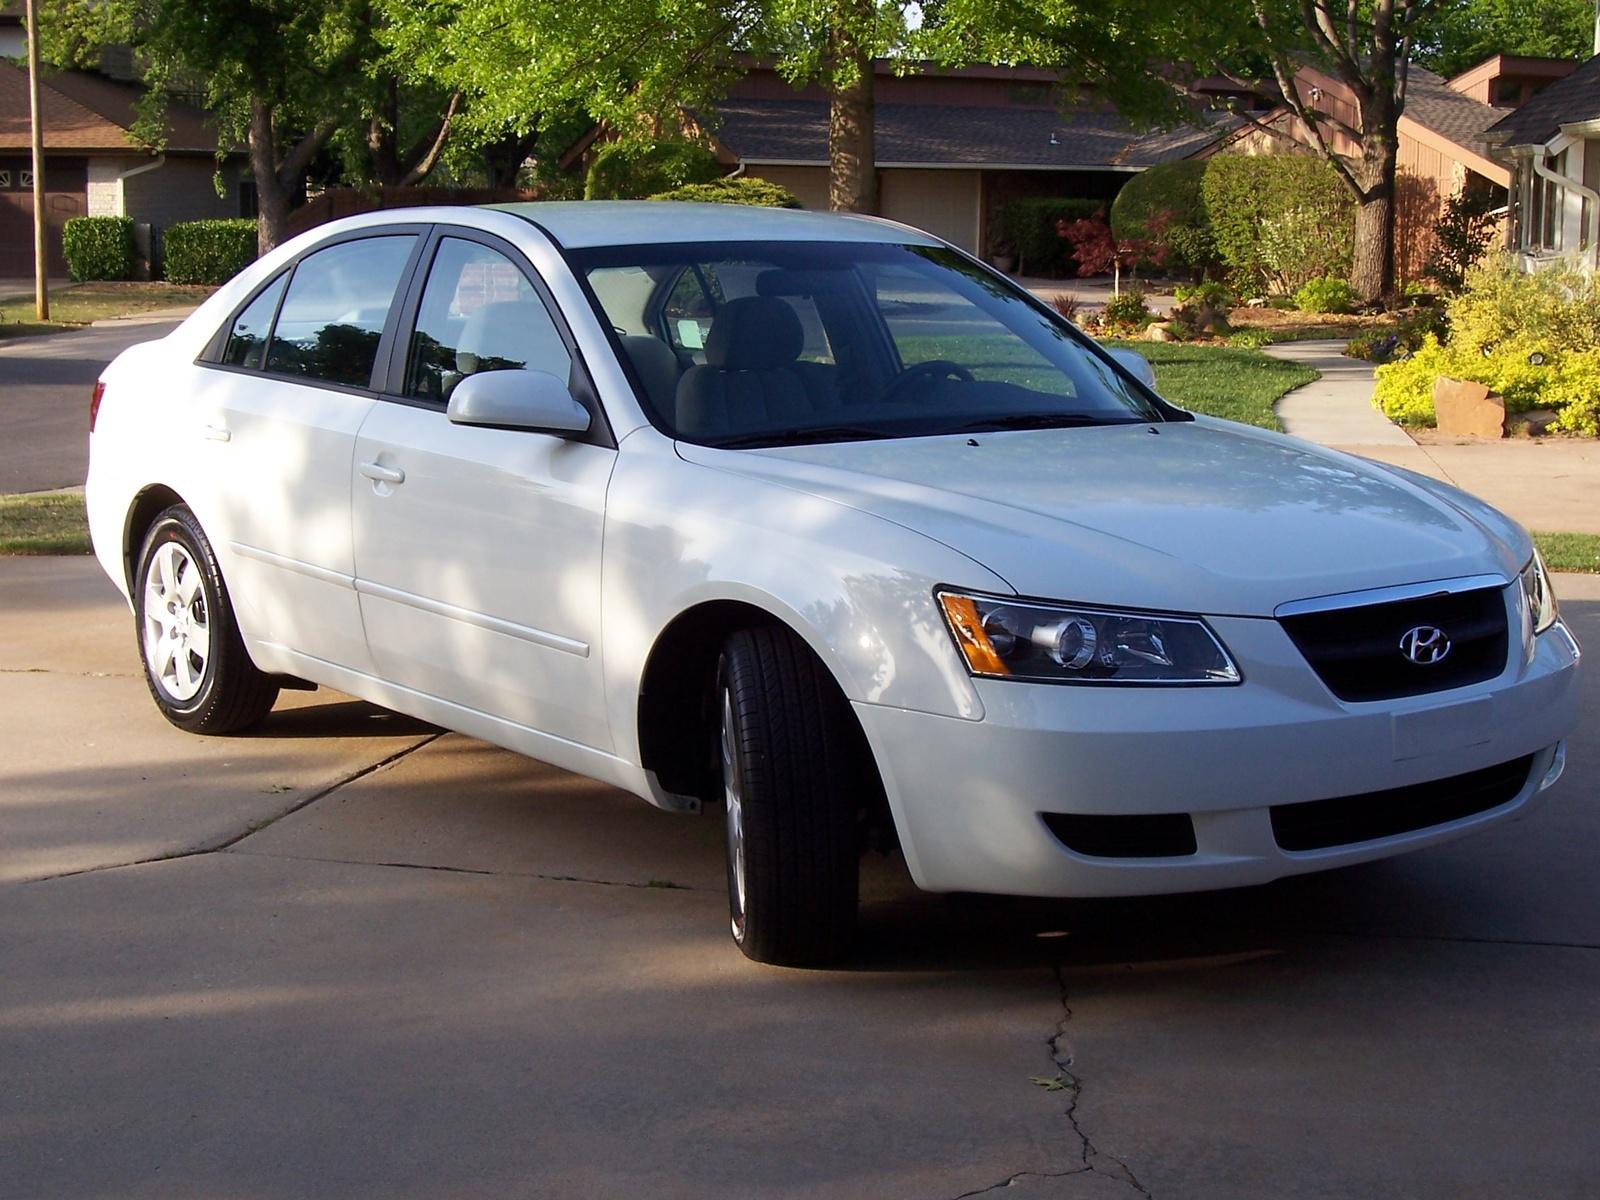 Picture of 2008 Hyundai Sonata